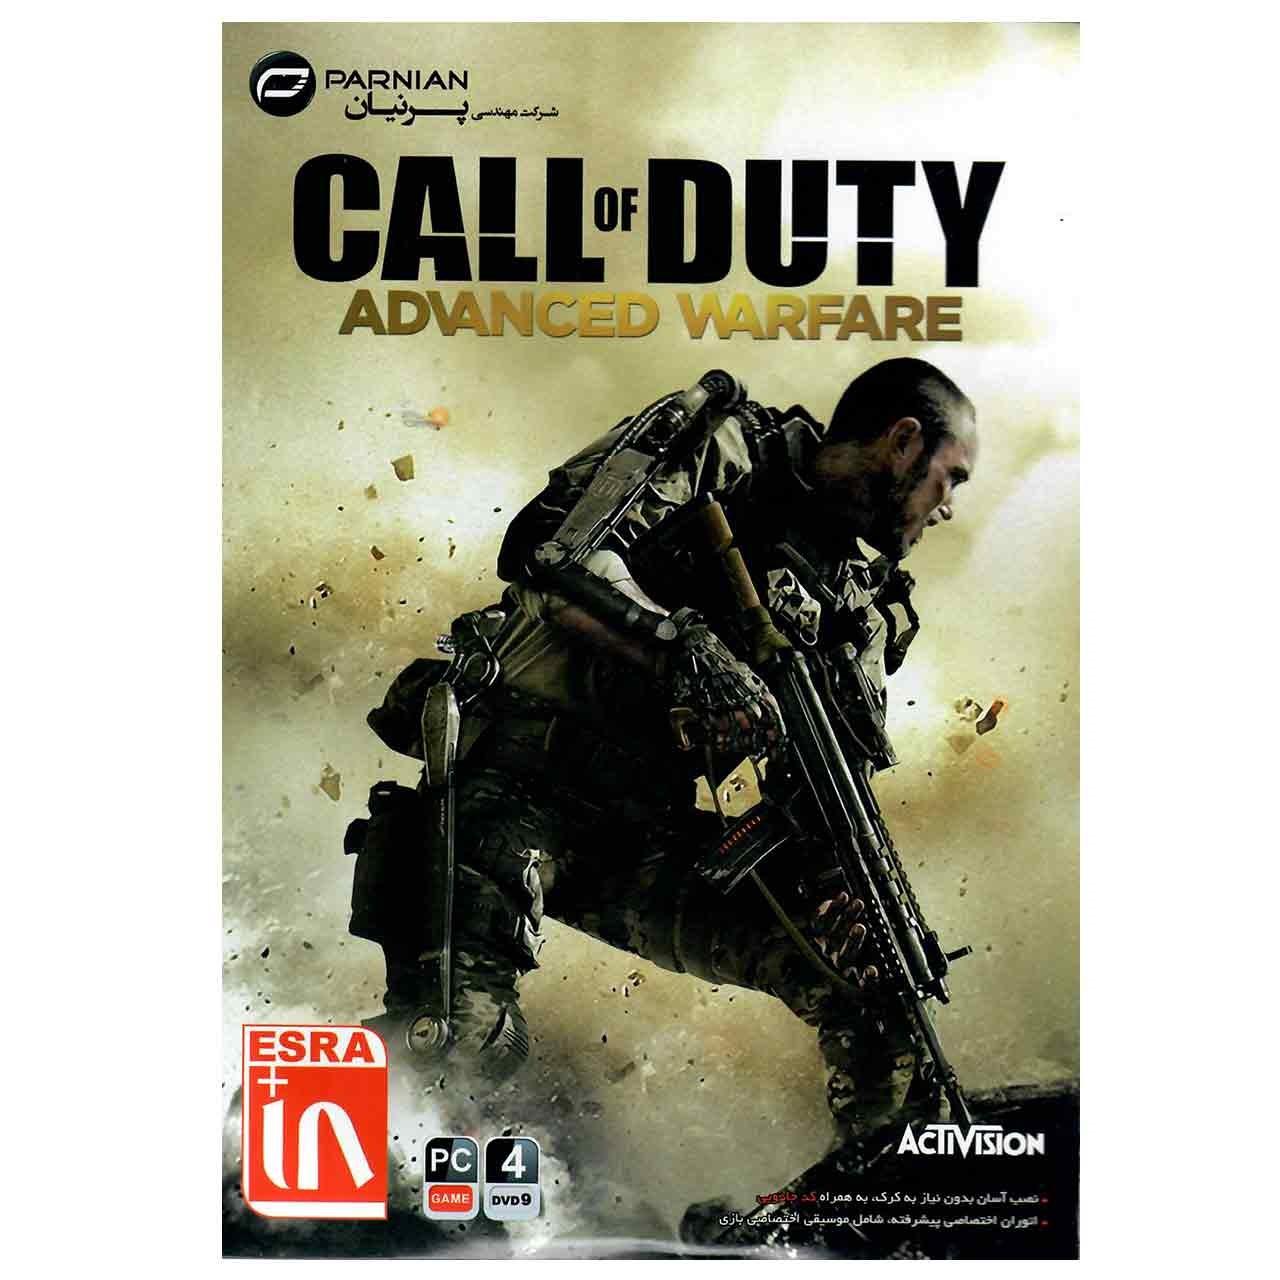 خرید اینترنتی بازی Call Of Duty Advanced Warfare مخصوص pc اورجینال